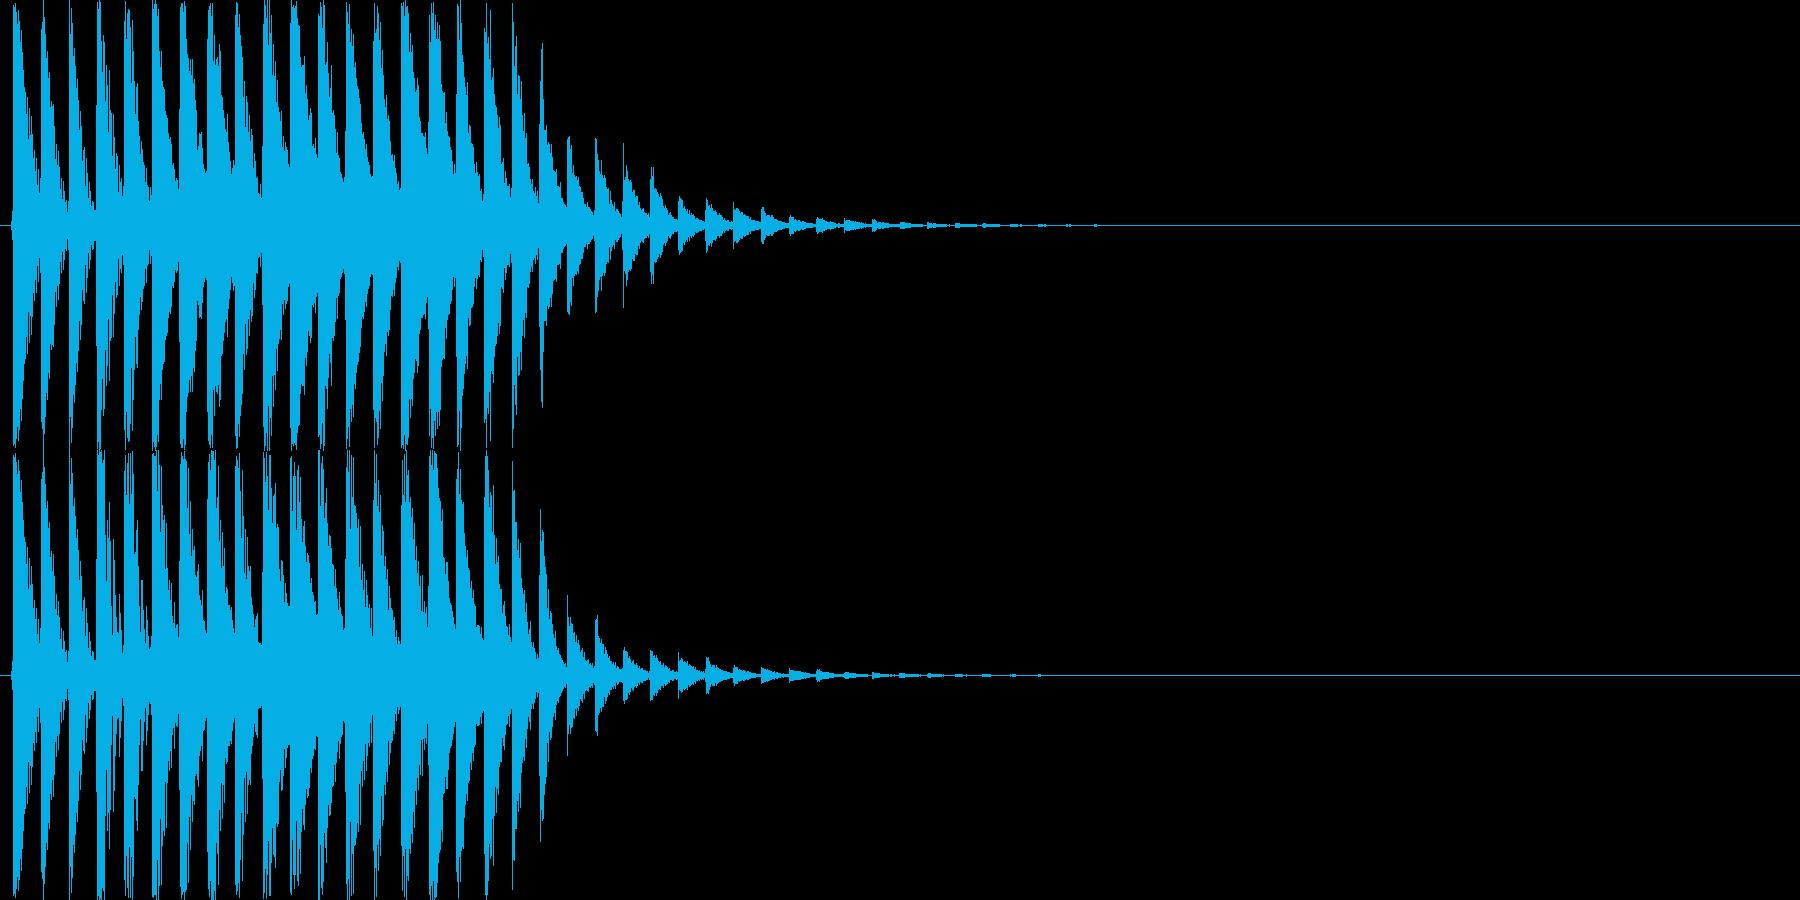 キラキラ・シャラララと広がるような音の再生済みの波形